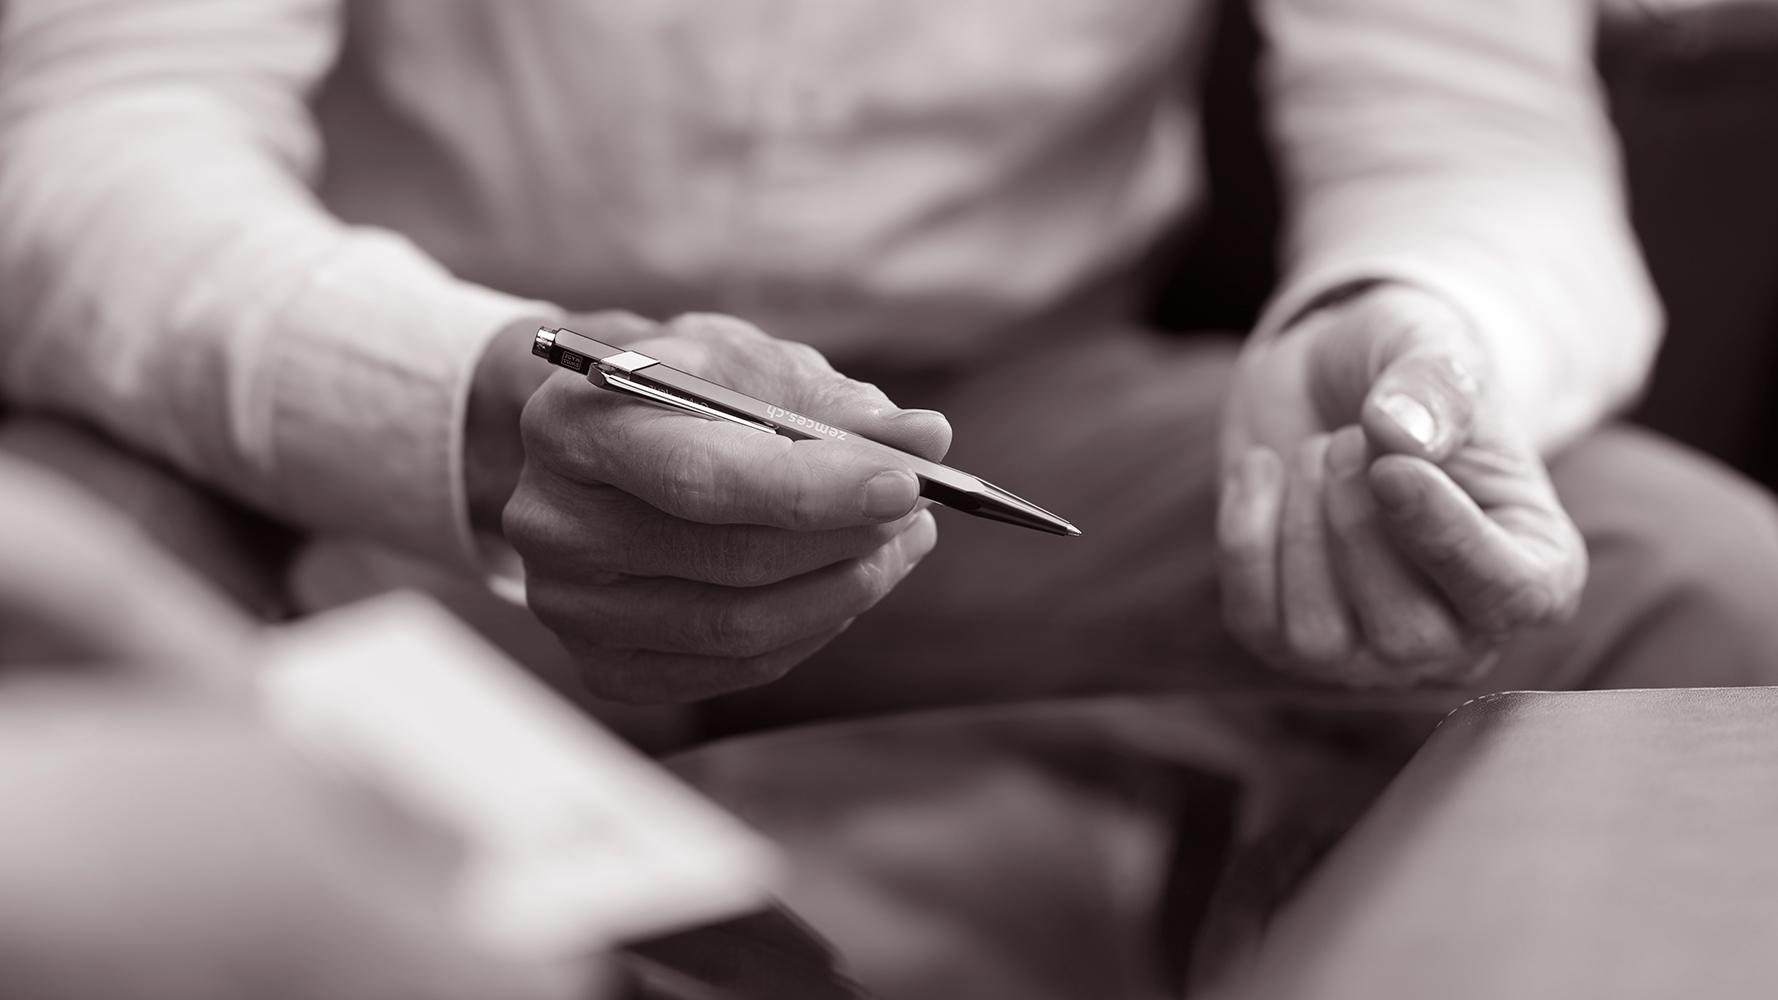 Zwei Hände, die rechte Hand hält einen Stift